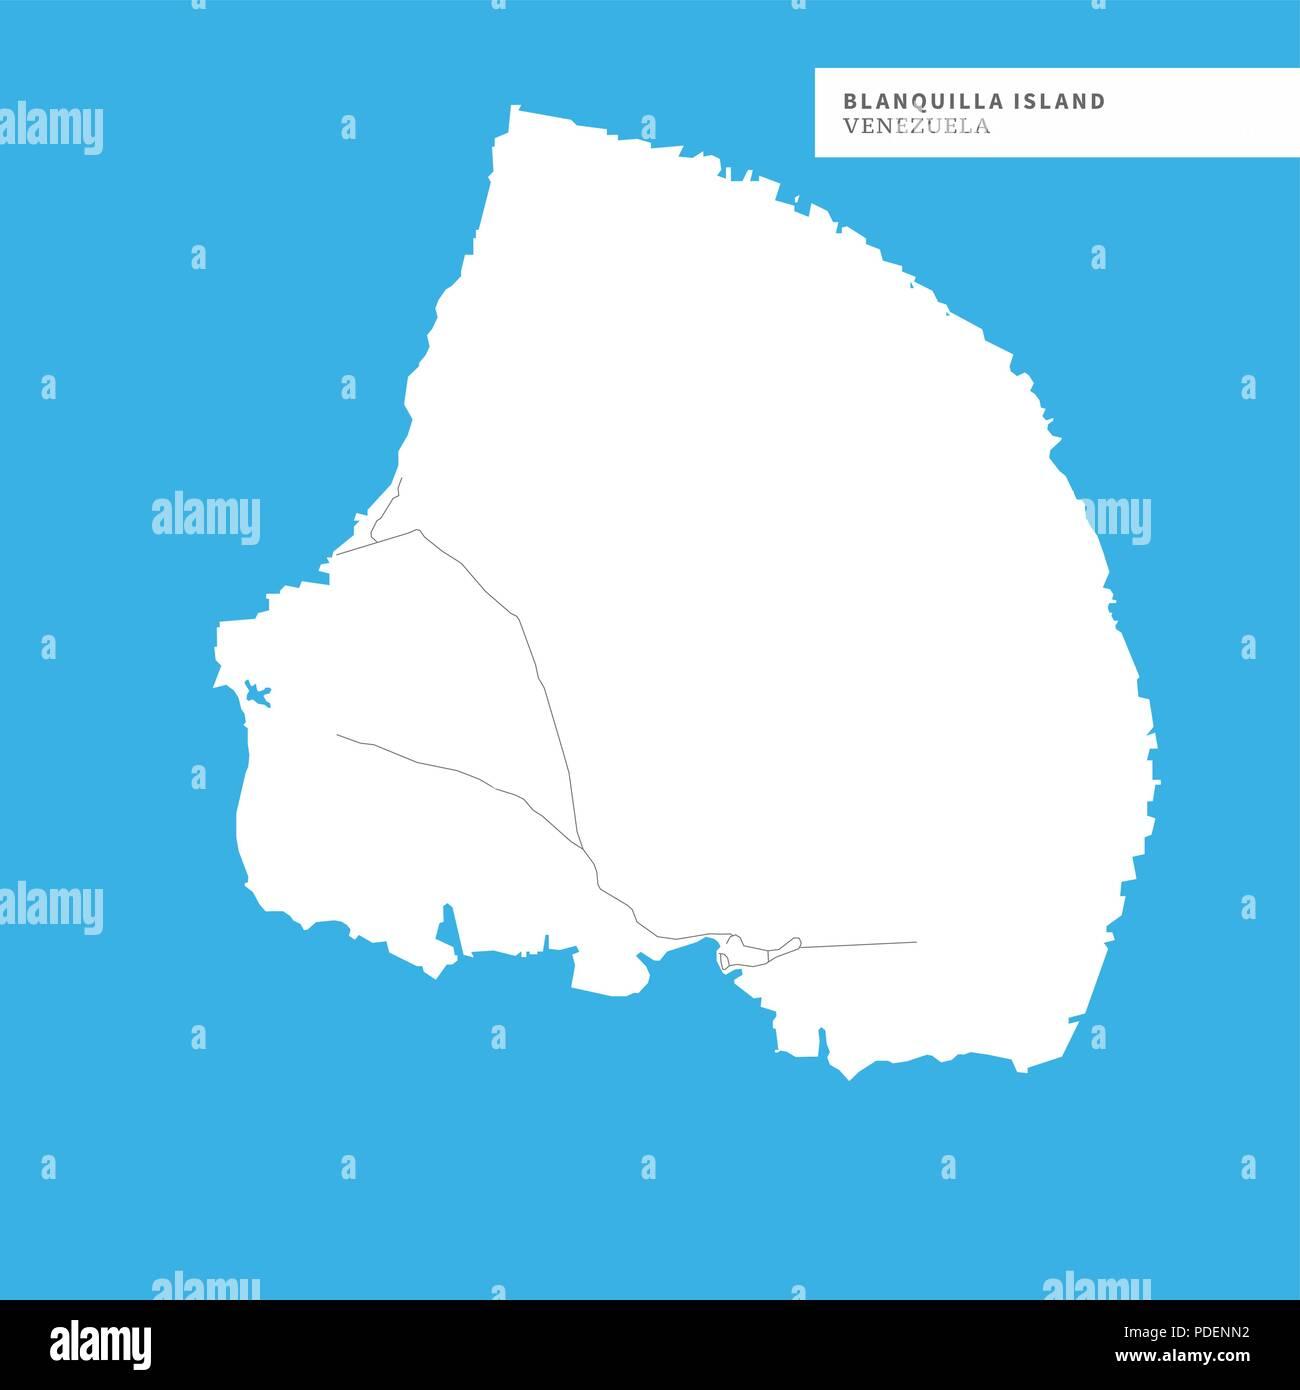 Karte Island Drucken.Blanquilla Island Drucken Karte Stockfotos Blanquilla